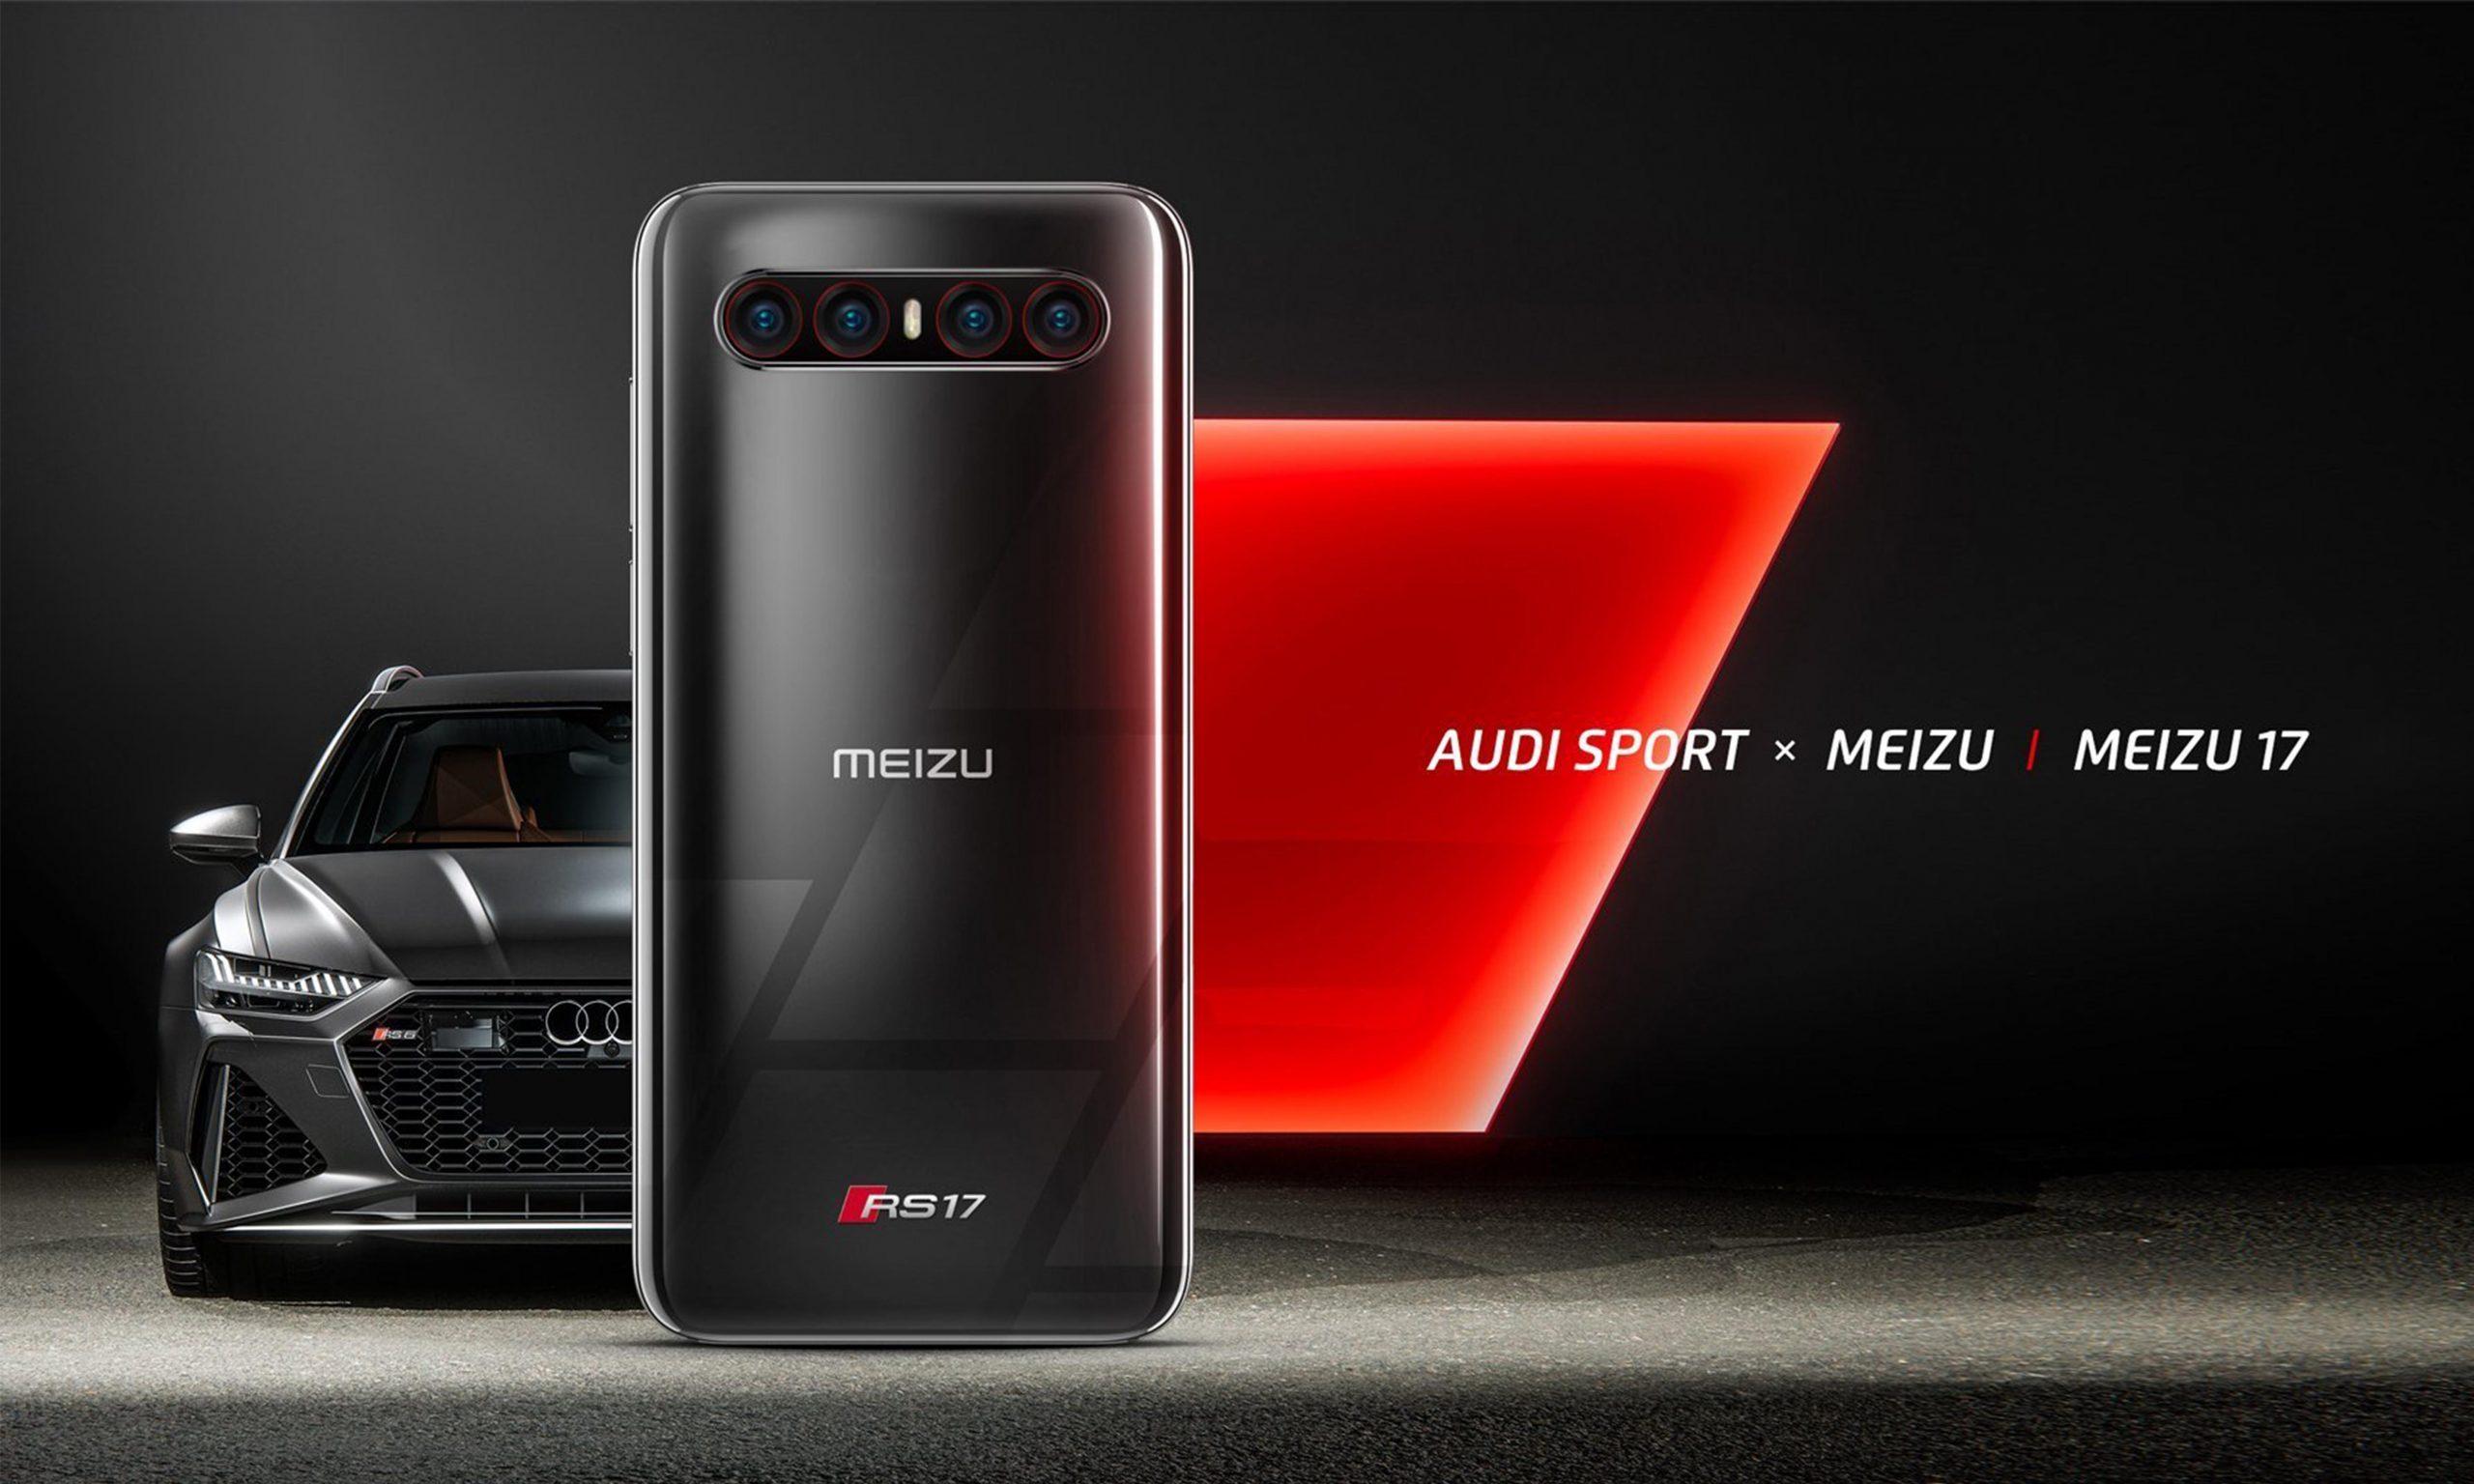 魅族 17 或推出 Audi Sport 奥迪汽车联名定制款